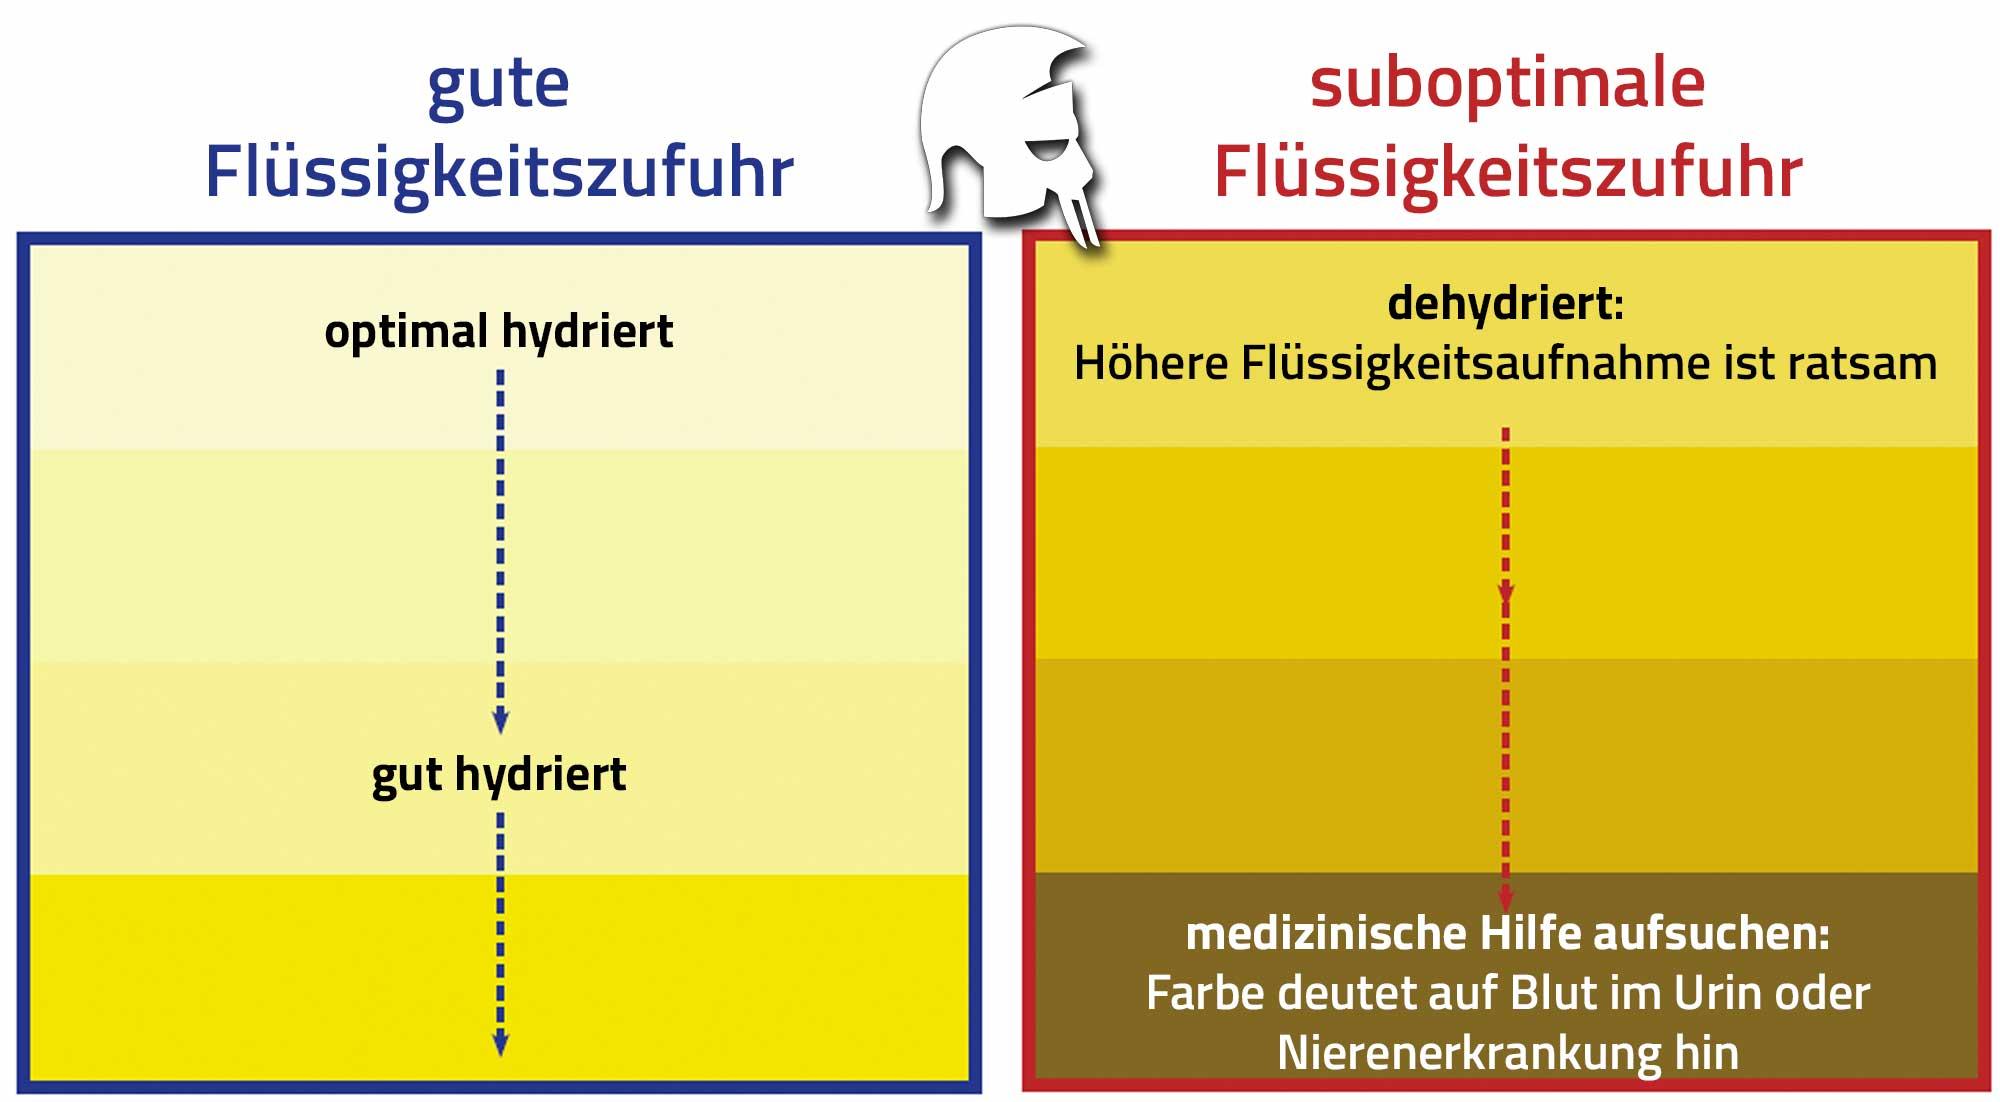 Flüssigkeitszufuhr Urin Farbe